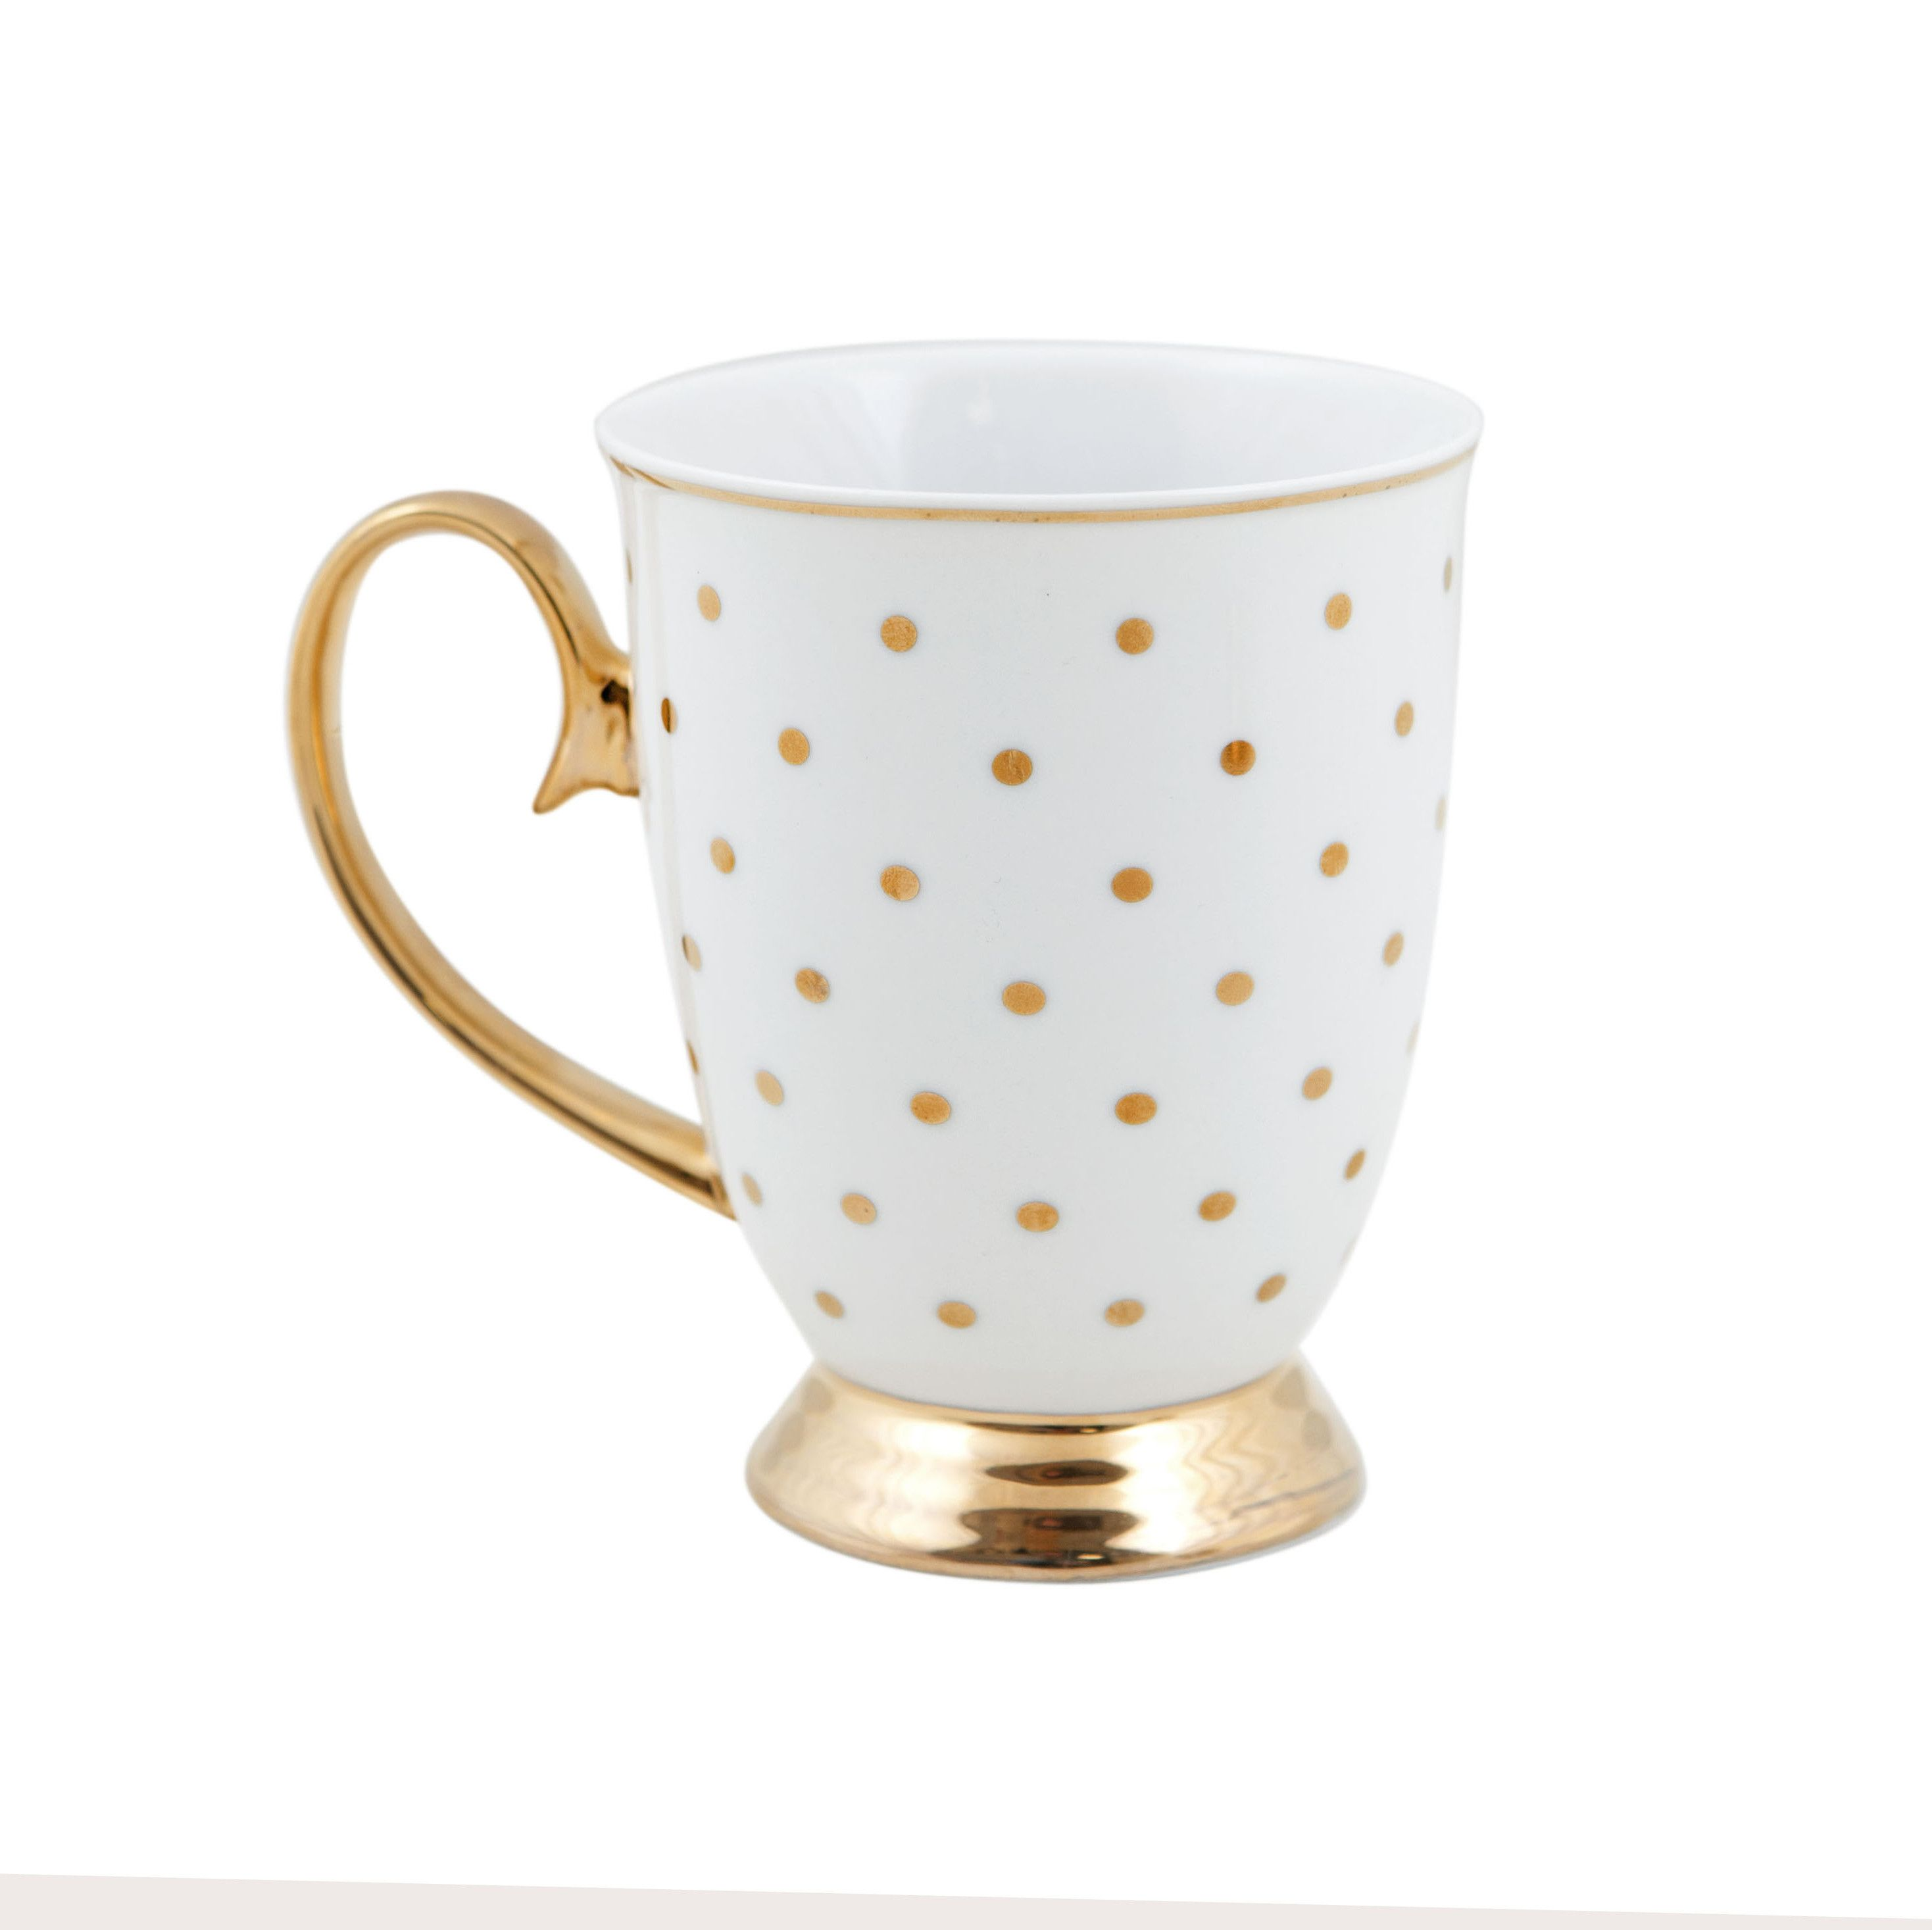 """Upplev High Tea i stil med detta Designer Tea Ware från Cristina Re . Denna vackra magiska samling , """" High Society """" , är inspirerad av en svunnen tid av elegans , förfining och glamour . Tillverkade av finaste kvalitet porslin och dekorerade med glänsande 24karat guld- Du kan vara säker på att glädja dina gäster med denna vackra design . Mixa och matcha Tekannor, Tekoppar , Tårtställning, tallrikar , muggar och andra tillbehör från Designer Tabell Ware Collection"""